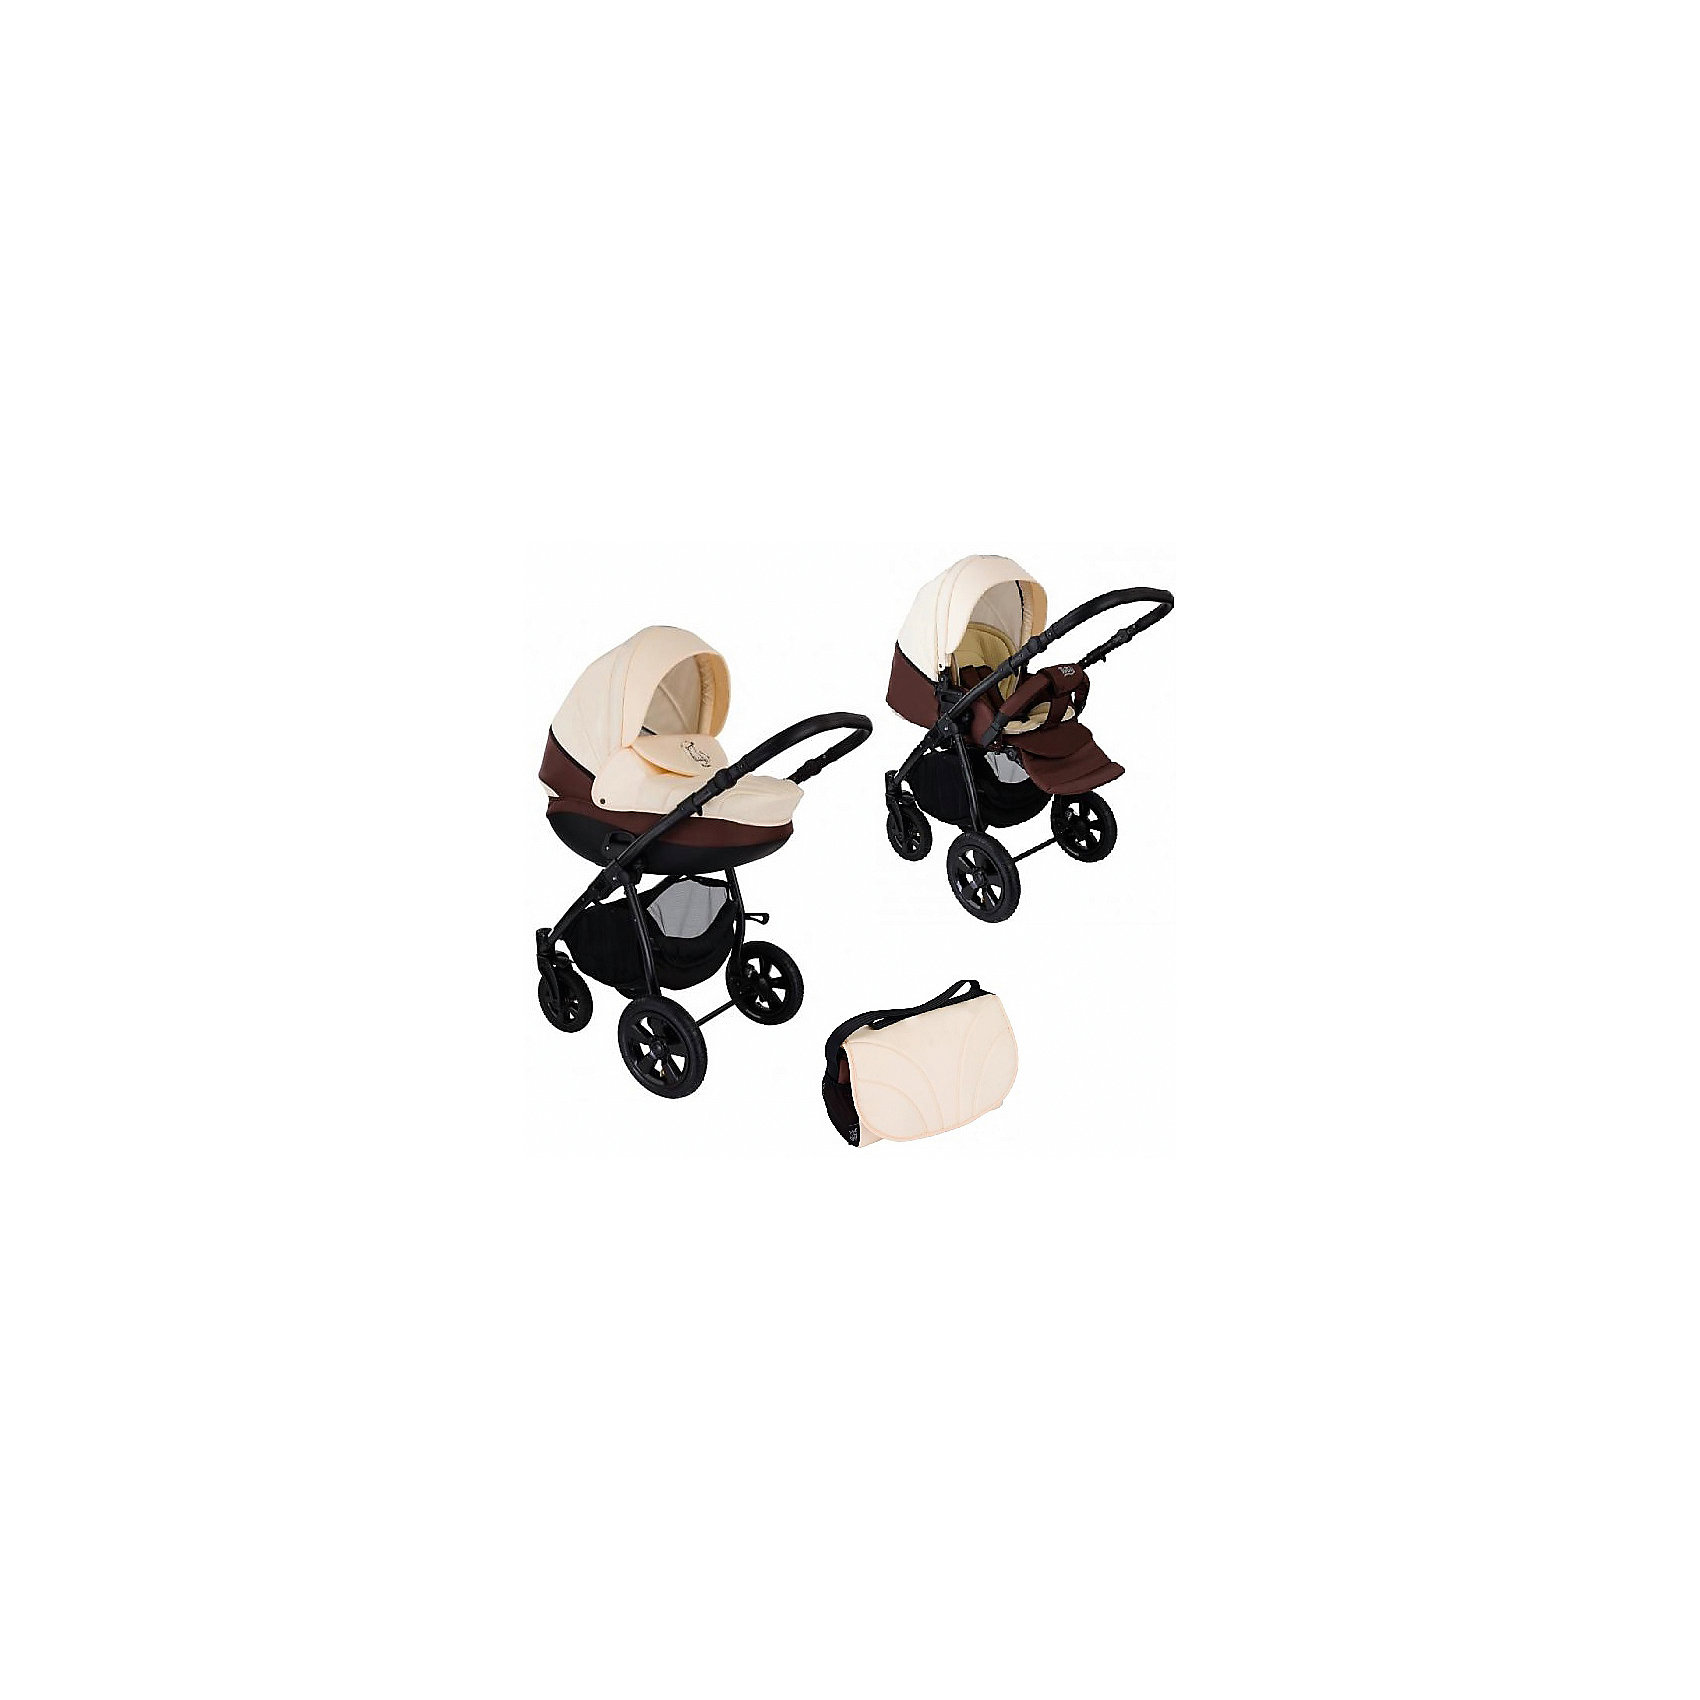 Коляска 2 в 1 Tutis Tapu-Tapu, бежевый/шоколадныйКоляски 2 в 1<br>Коляска 2 в 1 Tapu-Tapu, Tutis, бежевый/шоколадный<br>Коляска 2 в 1 Tapu-Tapu Tutis специально создана для тех, кто любит путешествовать, обожает прогулки на свежем воздухе. Легкая в управлении, просторная, маневренная, компактная, она оборудована просторной прочной пластмассовой люлькой, которая имеет вентиляционные отверстия в нижней части. Внутри люльки - тканевое покрытие, матрасик из кокосового волокна и регулируемый подголовник. Накидка на люльку защищает малыша от ветра и непогоды. Прогулочный блок имеет широкое сидение с регулируемым наклоном спинки вплоть до горизонтального положения, встроенные пятиточечные ремни безопасности, регулируемую подножку, матрасик-вкладыш, накидку на ножки, съёмный бампер, обтянутый мягкой тканью. Большой регулируемый капюшон с ручкой для переноски защищает от ультрафиолетового излучения 50+, имеет вентилируемую вставку под молнией. Высоту ручки для мамы можно отрегулировать. Предусмотрена вместительная корзина для покупок и сумка для мамы. Коляска имеет надувные колеса, передние - поворотные с блокировкой, задние - с ножными тормозами. Шасси выполнено из алюминия, легко и компактно складывается.<br><br>Дополнительная информация:<br><br>- Комплектация: люлька, прогулочный блок, шасси, матрас для люльки, чехол на ноги (для люльки и прогулочного блока), москитная сетка, дождевик, сумка для мамы, корзина для покупок<br>- Функция качания (когда люлька лежит на полу)<br>- Регулируемая амортизация шасси<br>- Механизм сложения - книжка<br>- Размеры: прогулочный блок – 95x39 см, внутренний размер люльки – 79x36 см.<br>- Размер сложенной коляски: 89x60x38 см.<br>- Вес: люлька 4,95 кг, прогулочный блок 5,25 кг, шасси - 9 кг<br>- Шасси: ширина 61 см. диаметр колес передние 23 см, задние 30 см.<br><br>Коляску 2 в 1 Tapu-Tapu, Tutis, бежевую/шоколадную можно купить в нашем интернет-магазине.<br><br>Ширина мм: 890<br>Глубина мм: 600<br>Высота мм: 380<br>Вес г: 22000<br>Возраст 